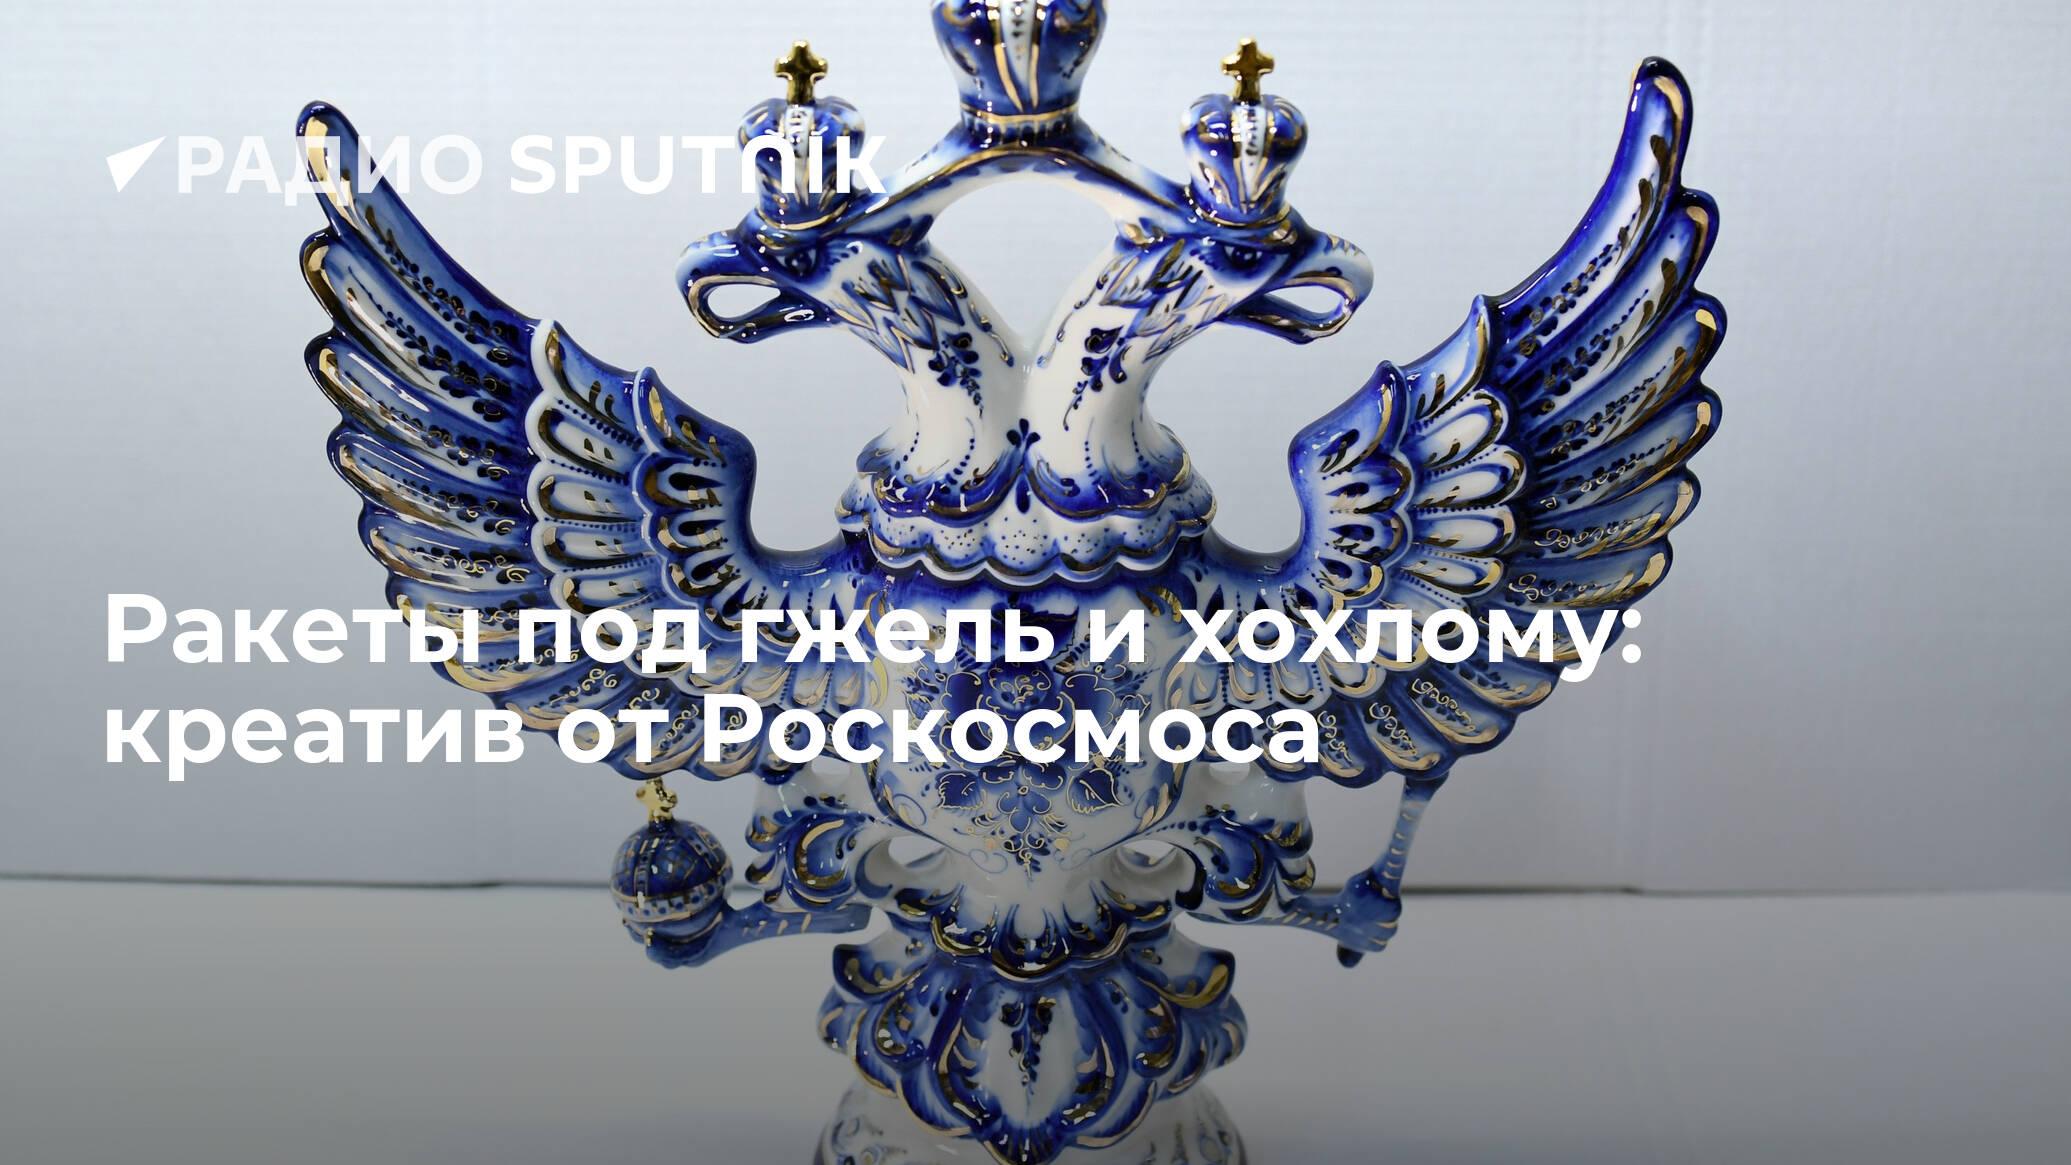 Ракеты под гжель и хохлому: креатив от Роскосмоса